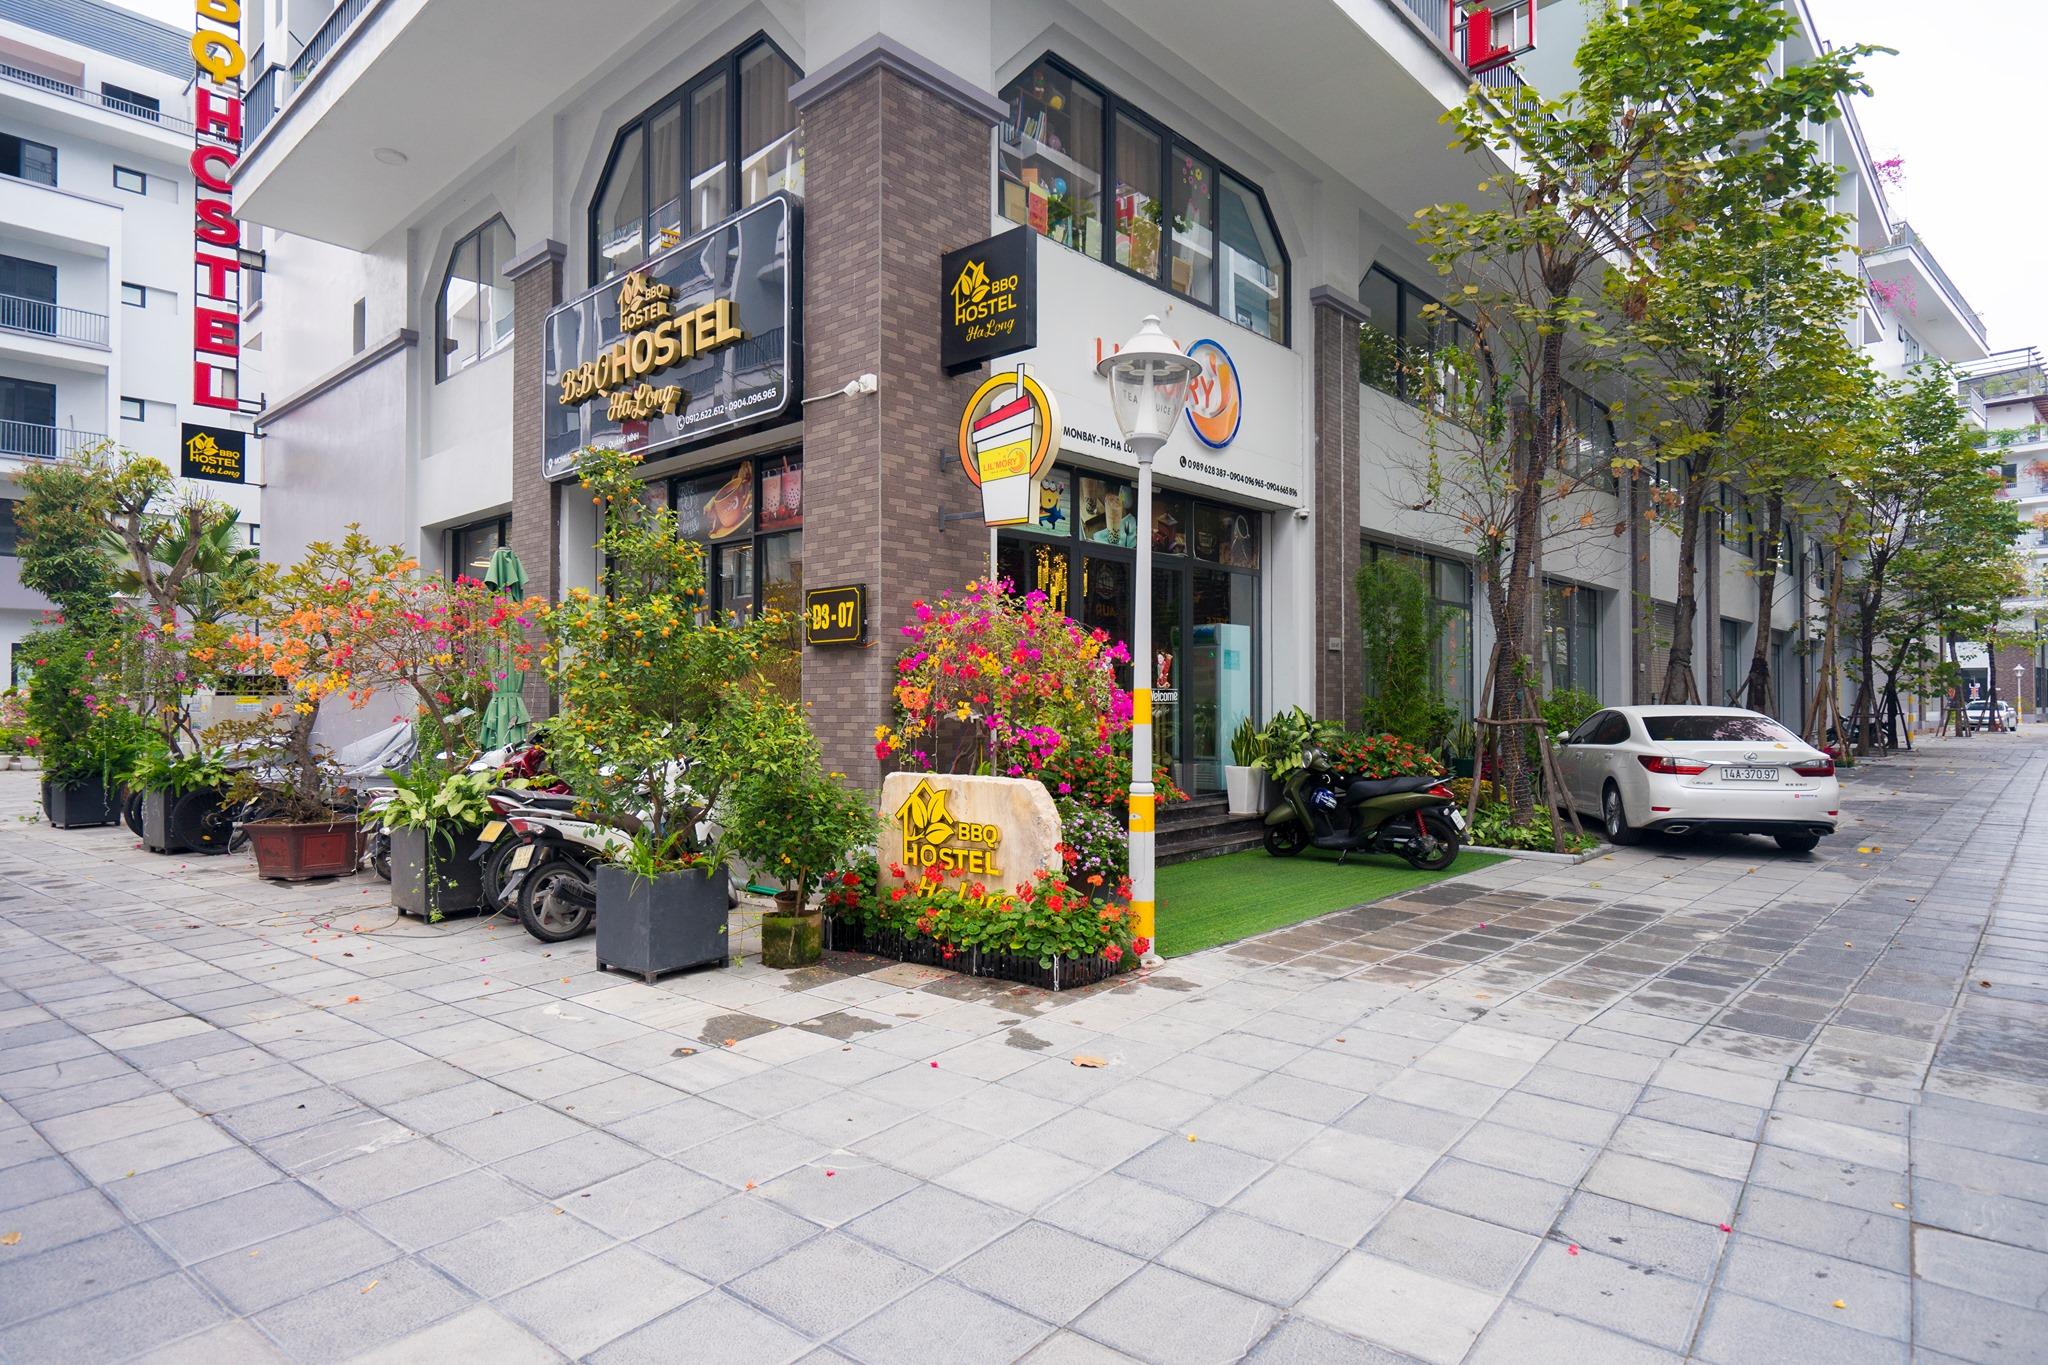 BBQ Hoste Mon bay Ha Long